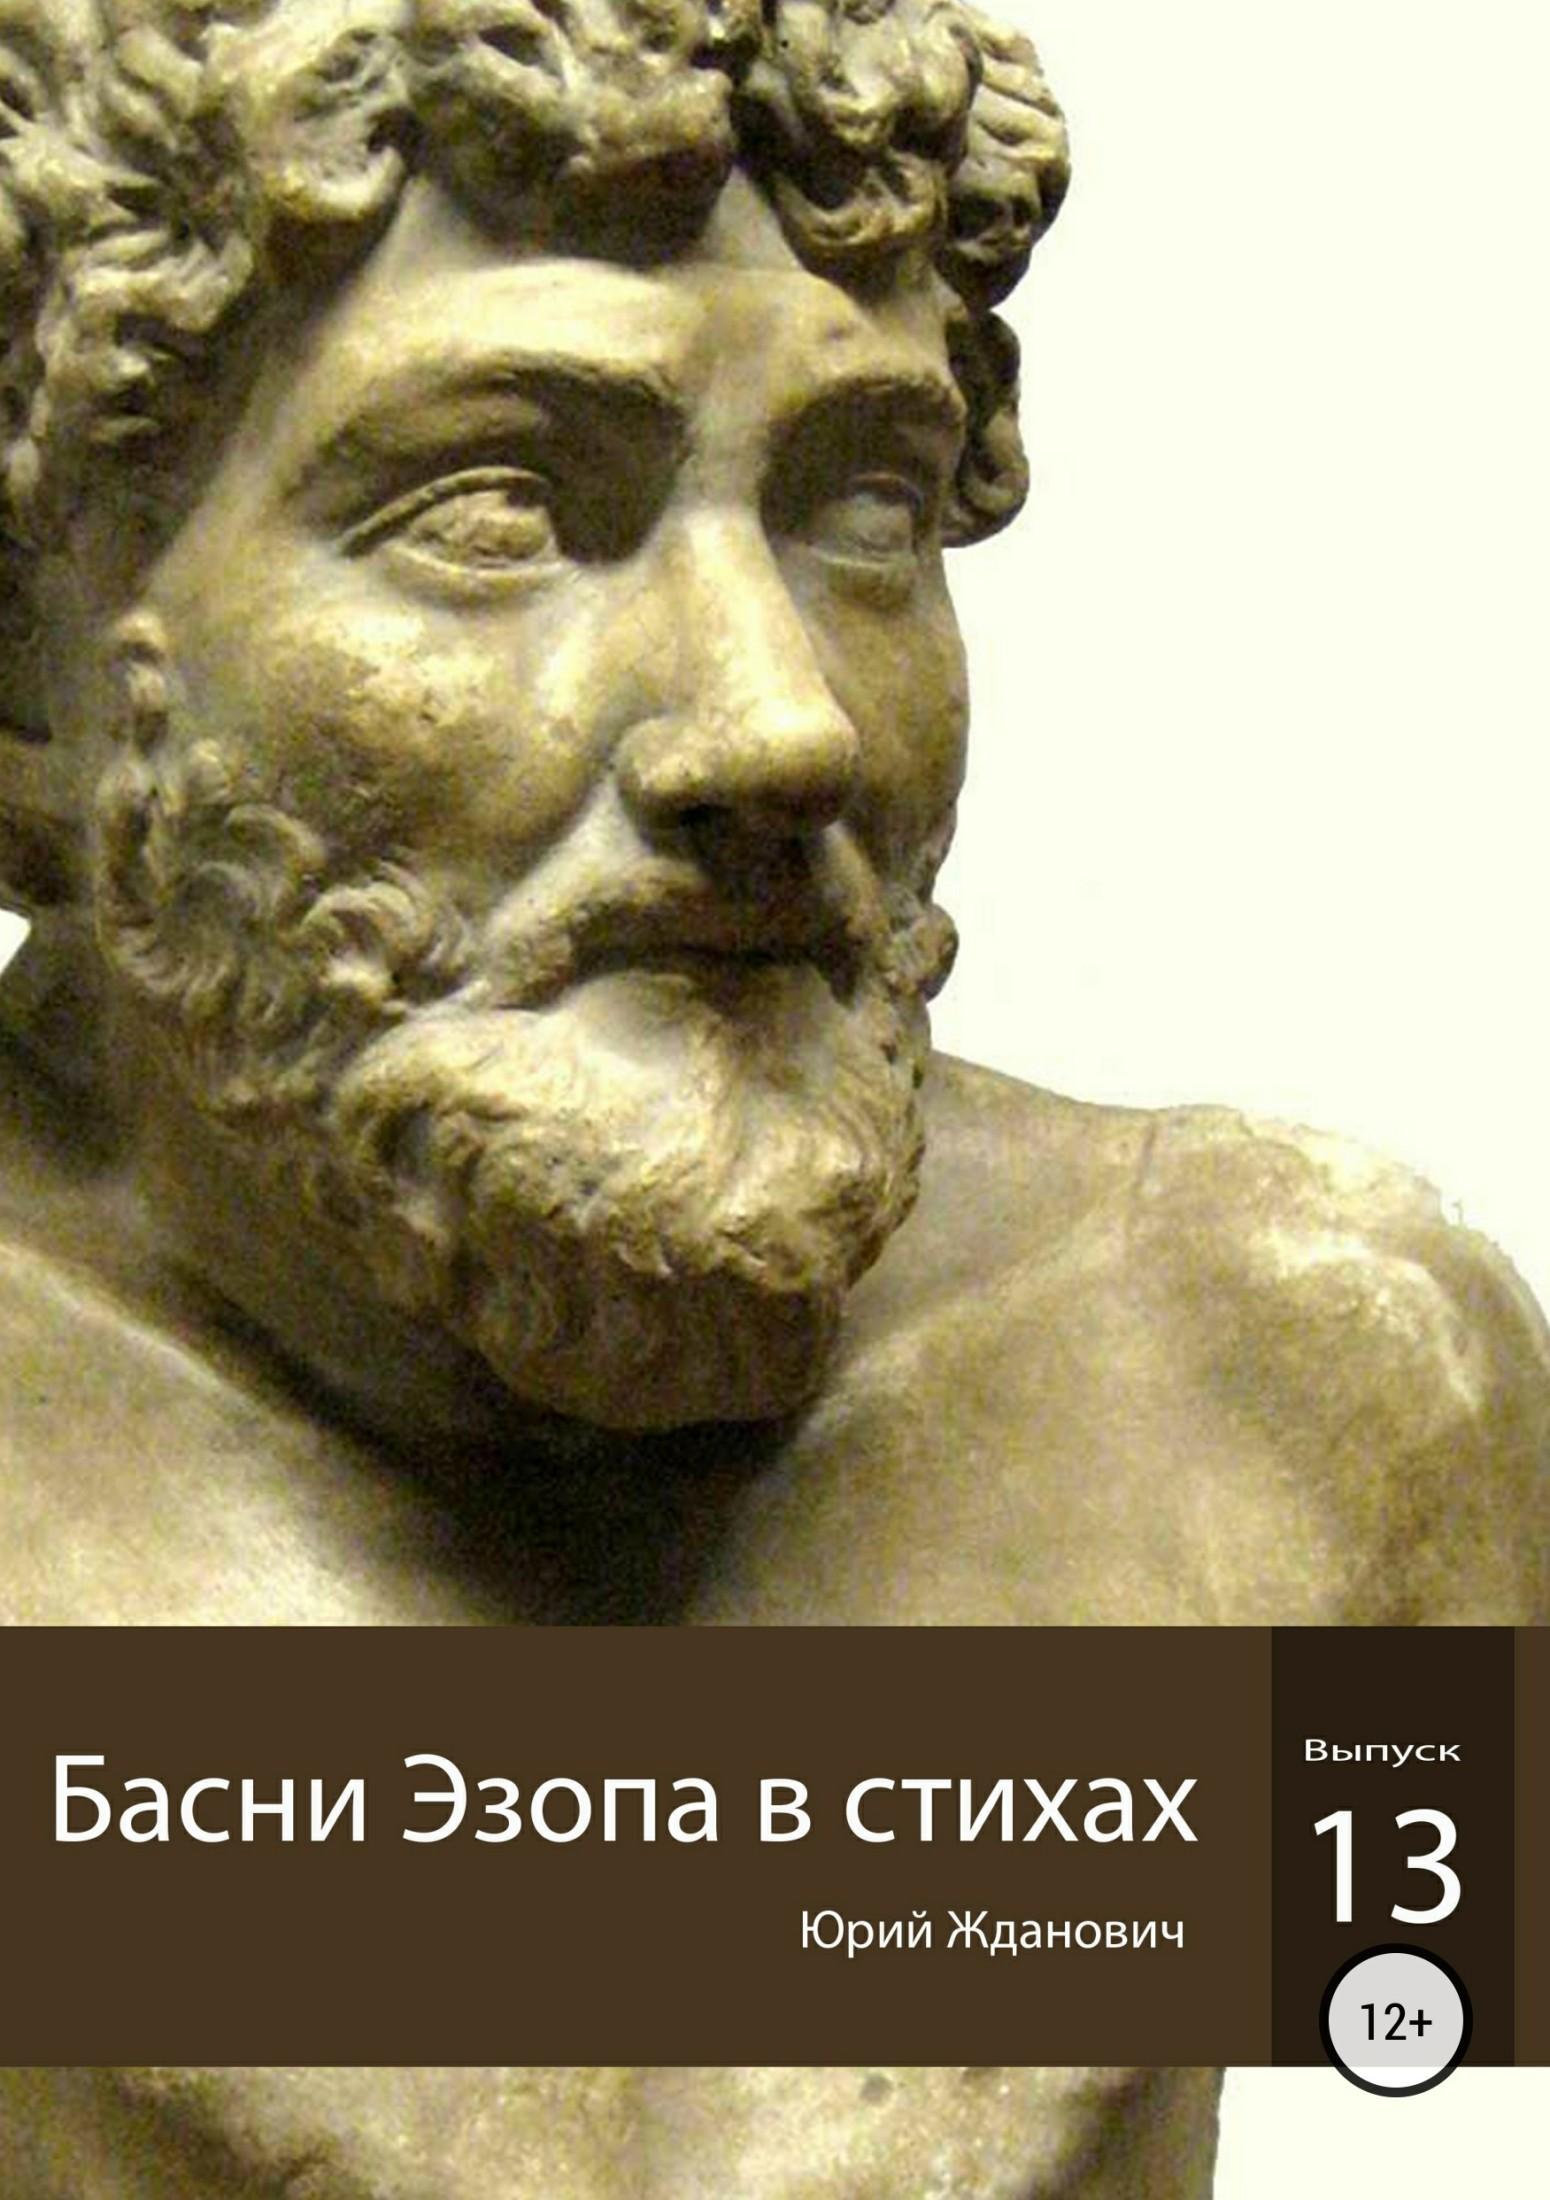 Басни Эзопа в стихах. Выпуск 13